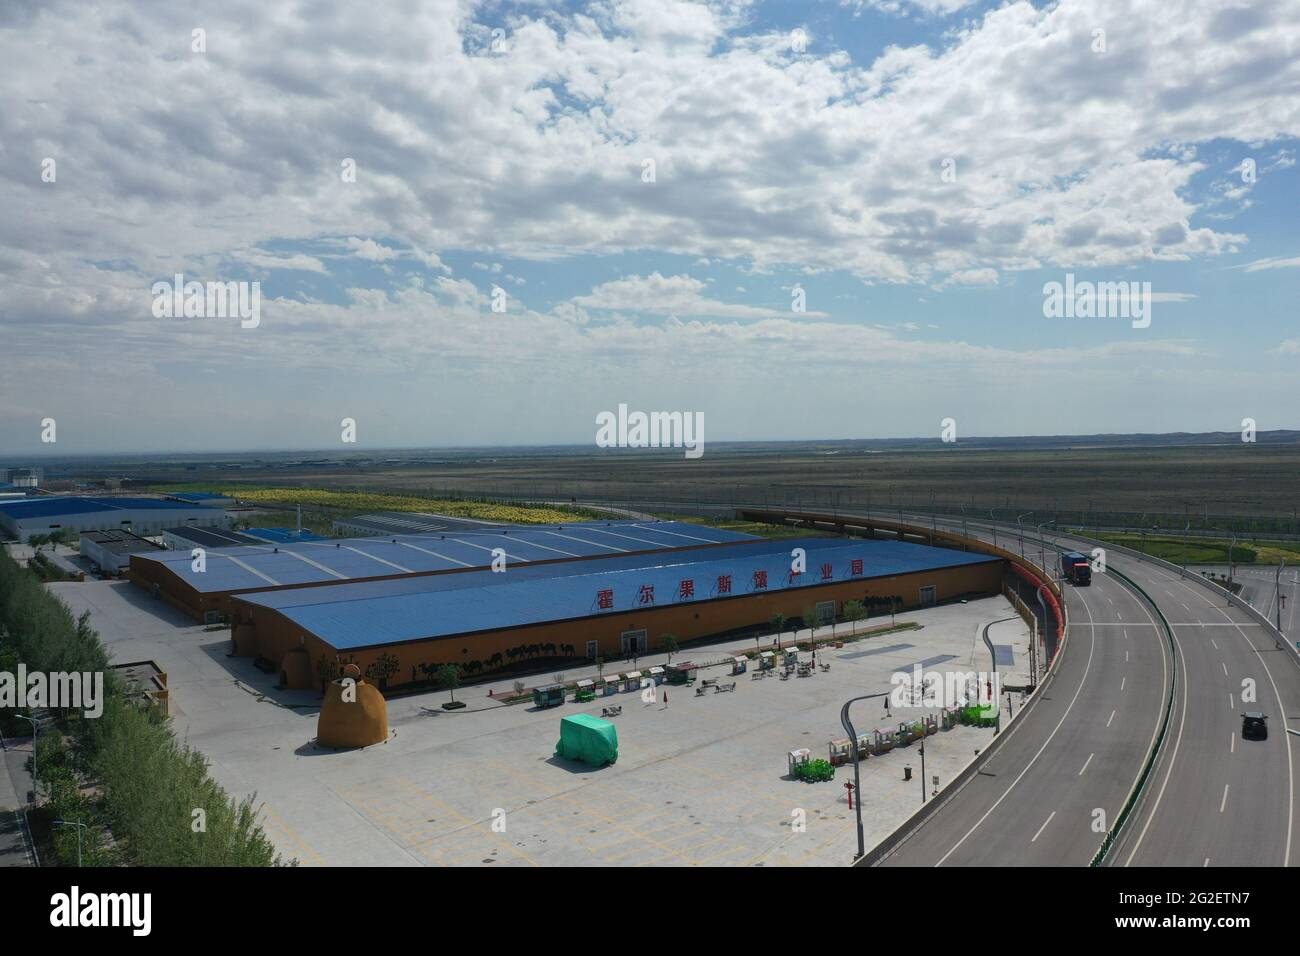 Ourumqi. 5 juin 2021. La photo aérienne prise le 5 juin 2021 montre un parc industriel naan-making à Horgos, dans la région autonome de Xinjiang Uygur, dans le nord-ouest de la Chine. Credit: Gu Yu/Xinhua/Alay Live News Banque D'Images